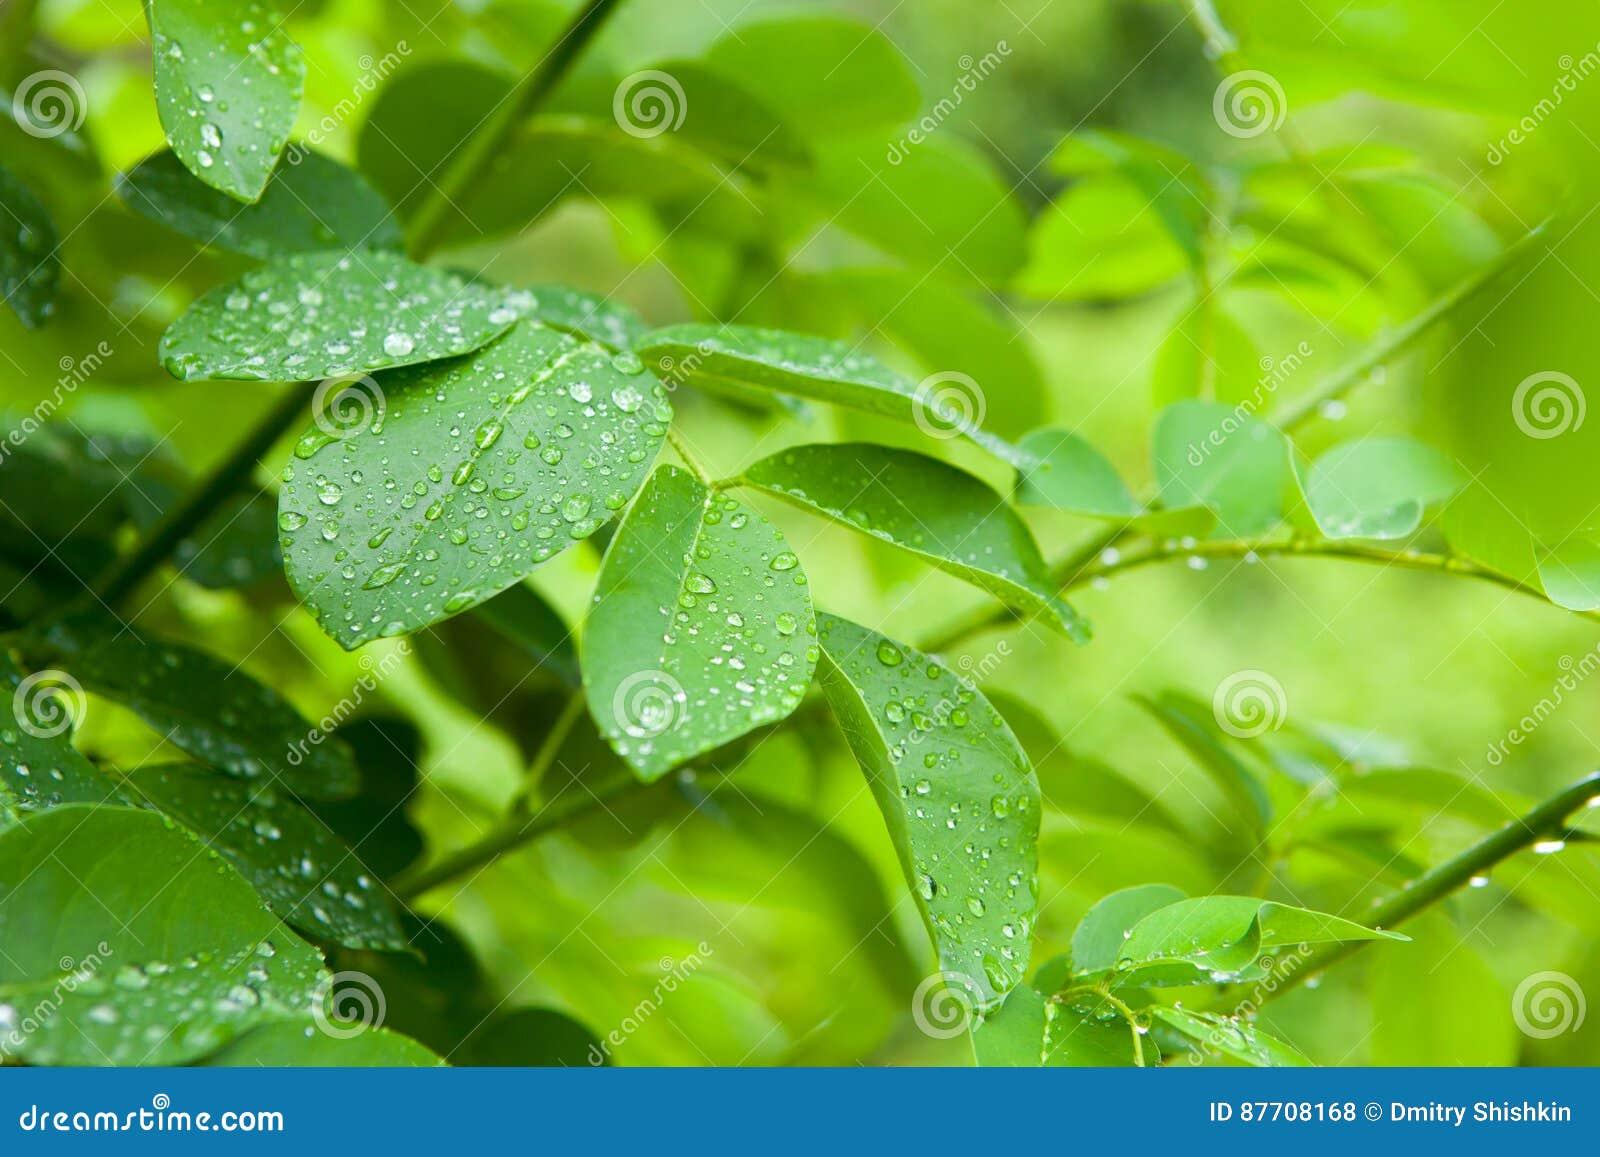 Le plan rapproché du feuillage vert frais avec de l eau se laisse tomber après pluie